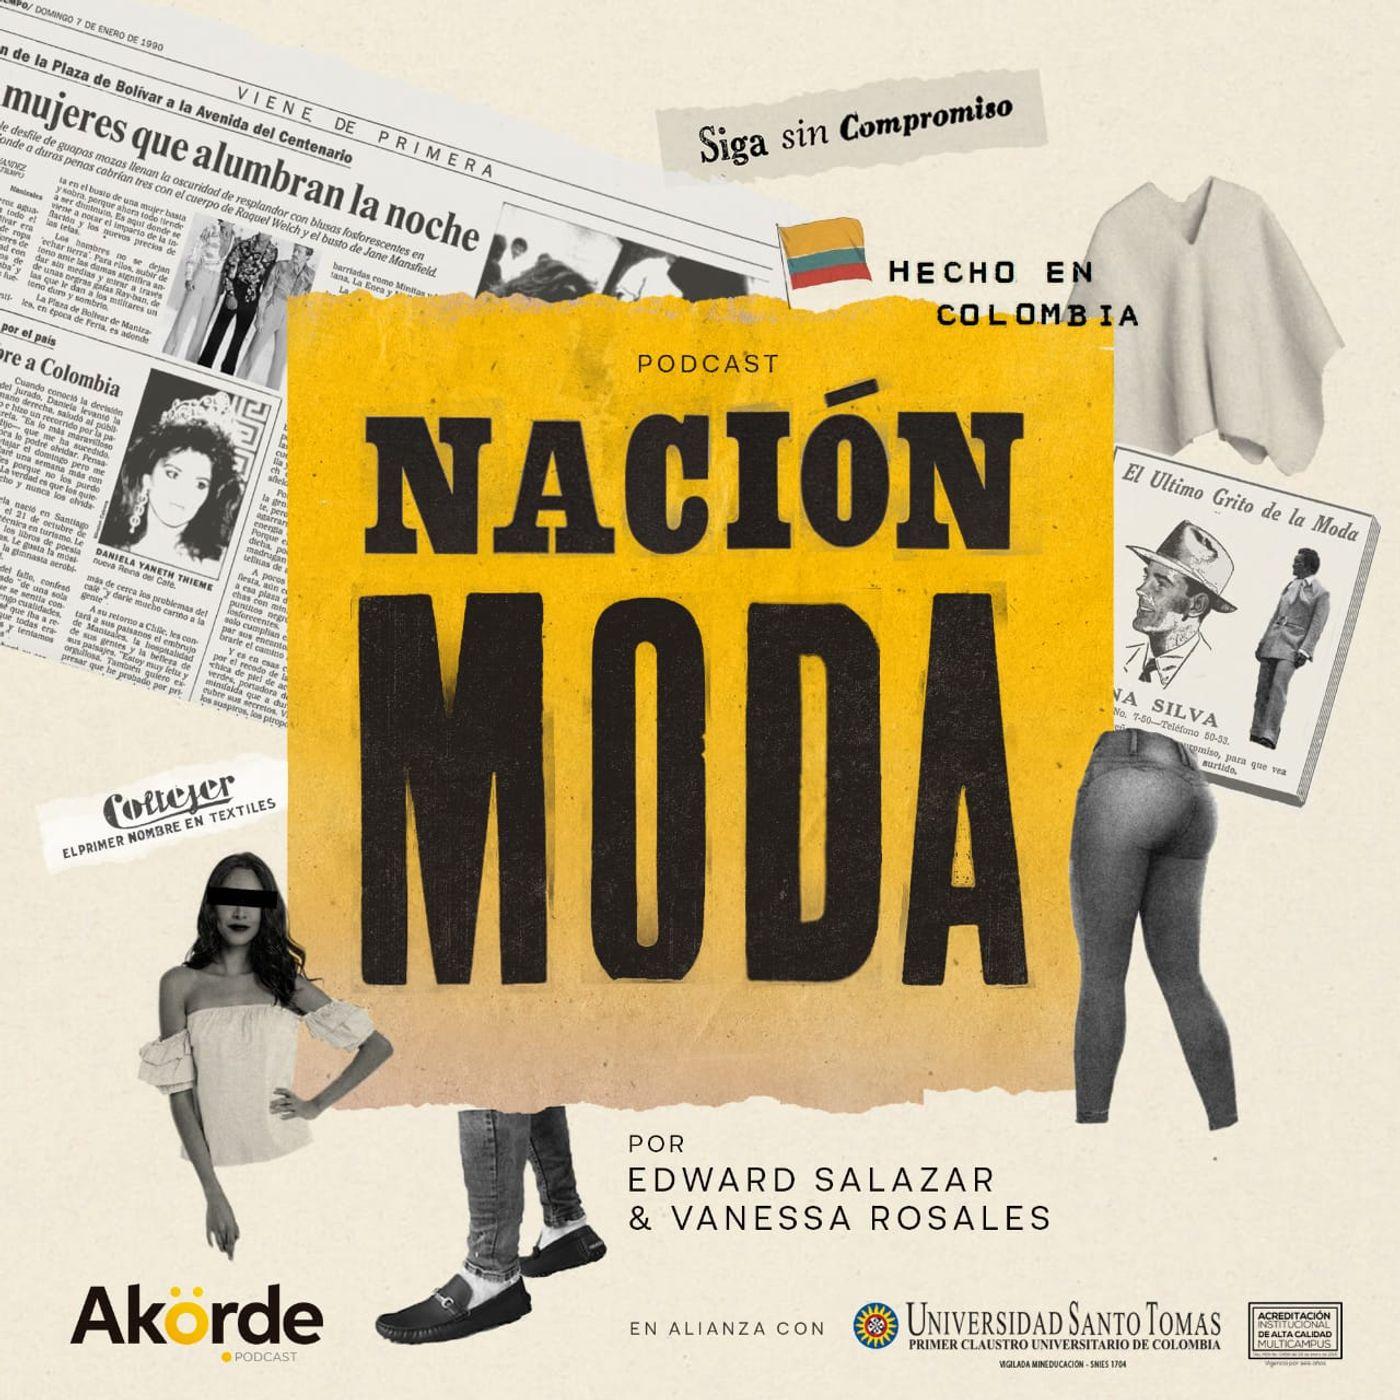 Ep. 12 Nación Moda Podcast se despide